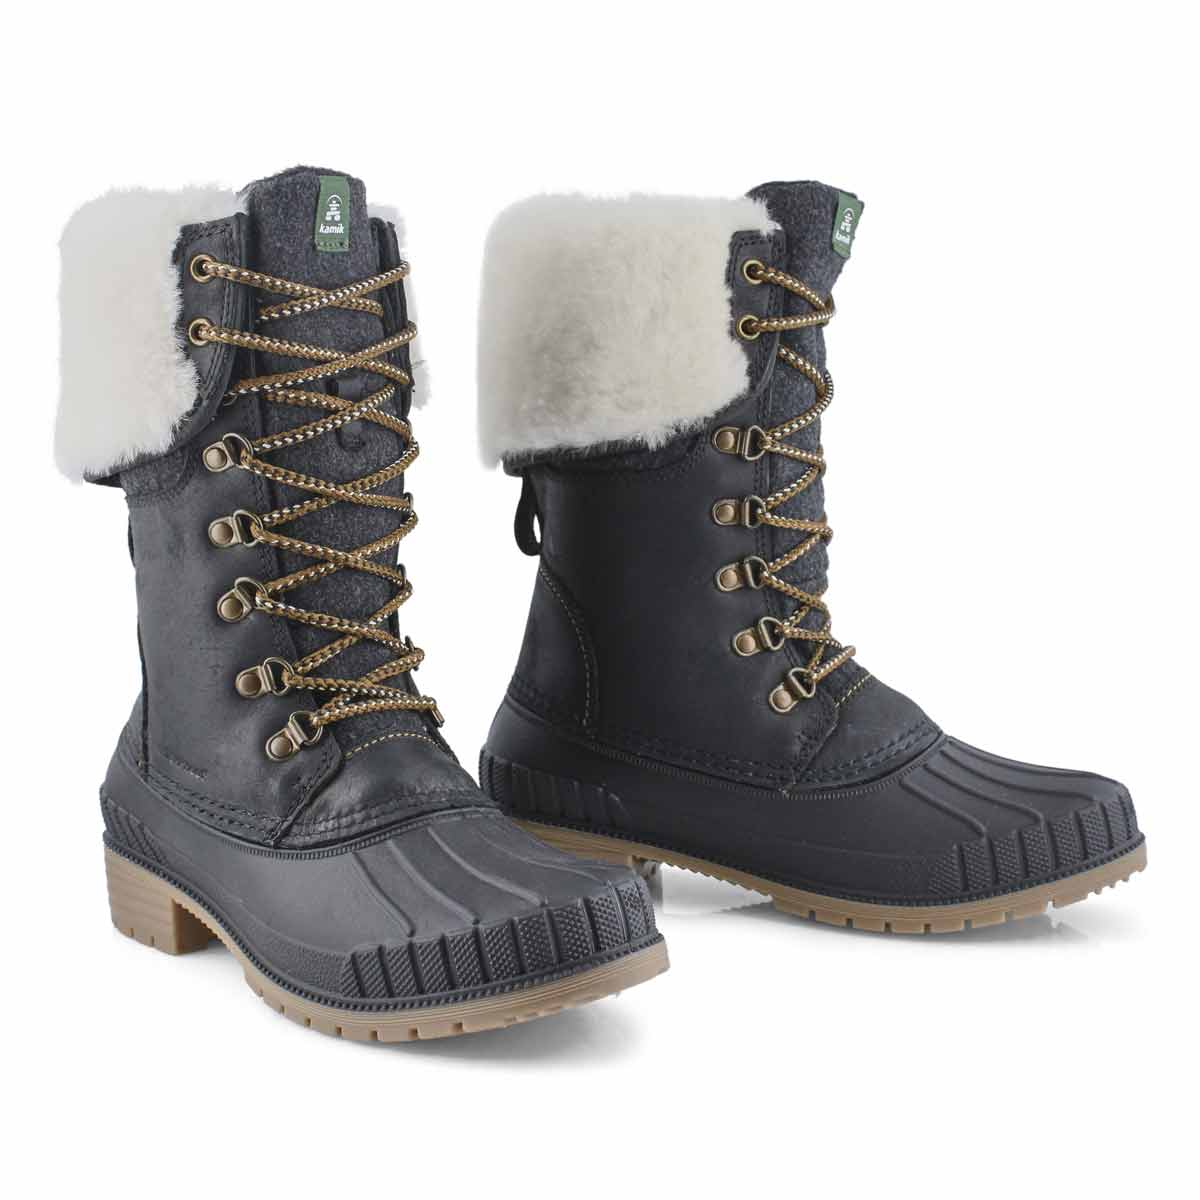 Women's SEINNAF2 black waterproof snow boot